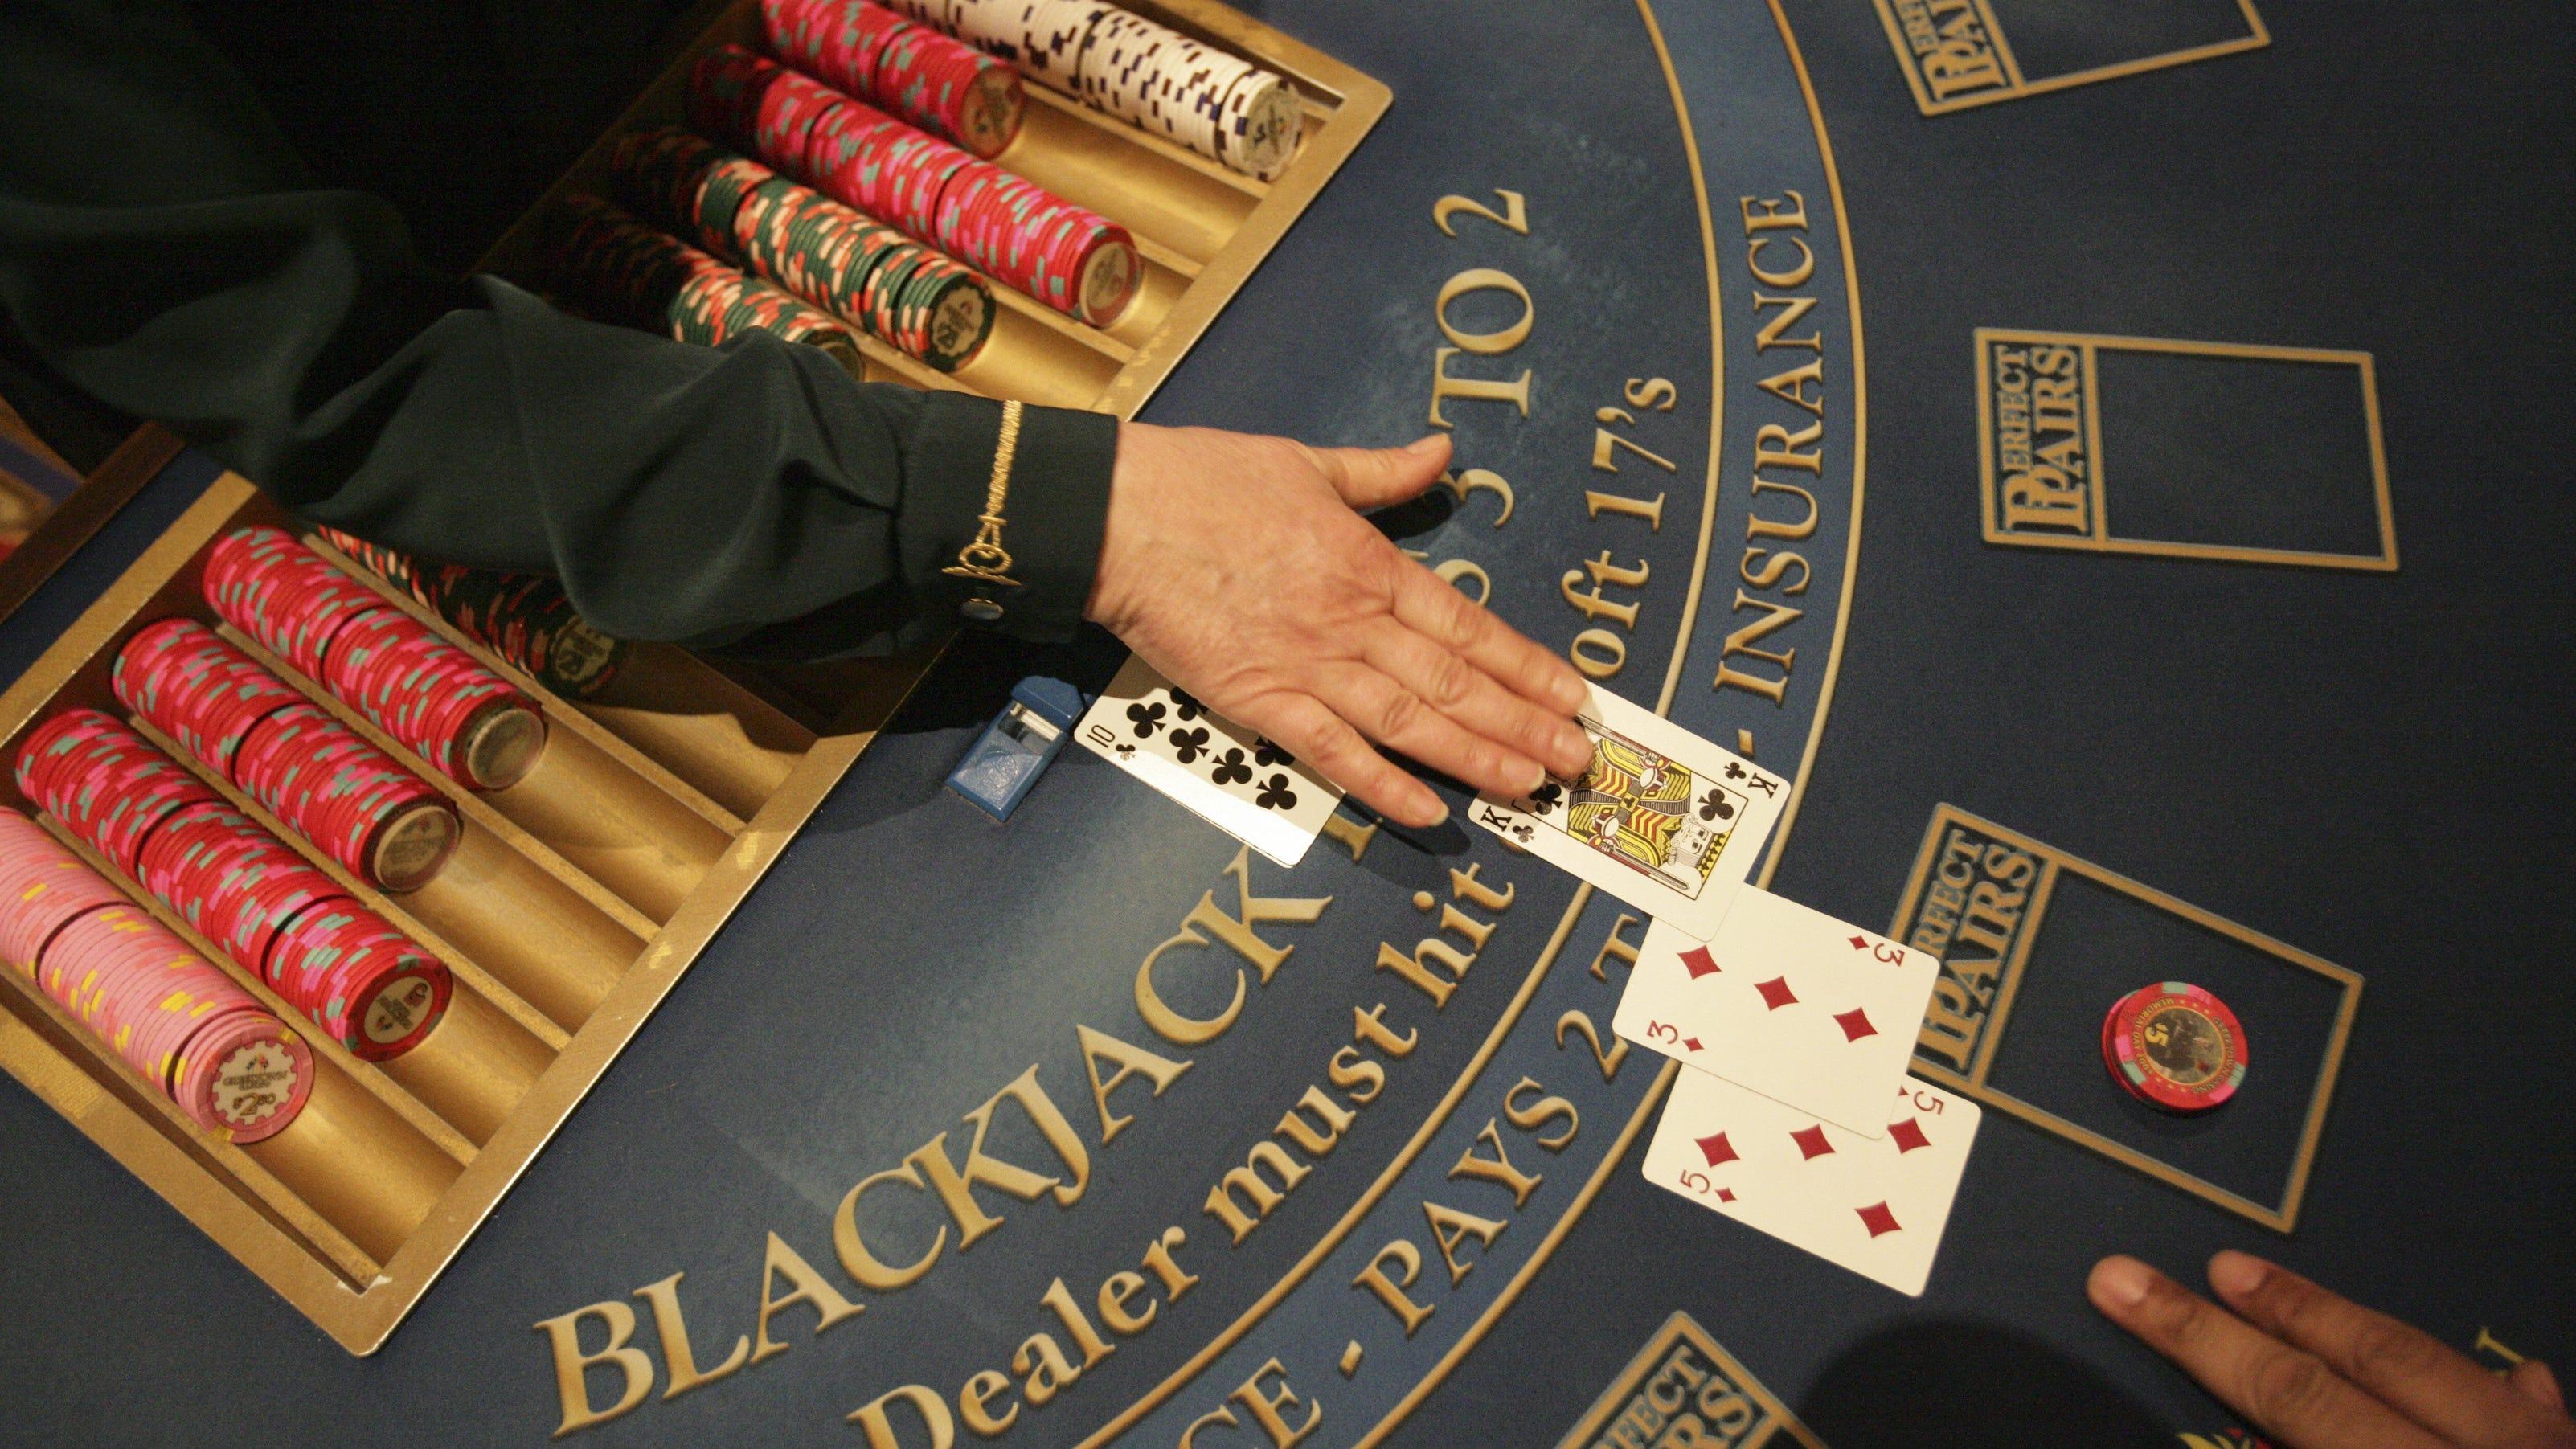 Blackjack when to split 10s